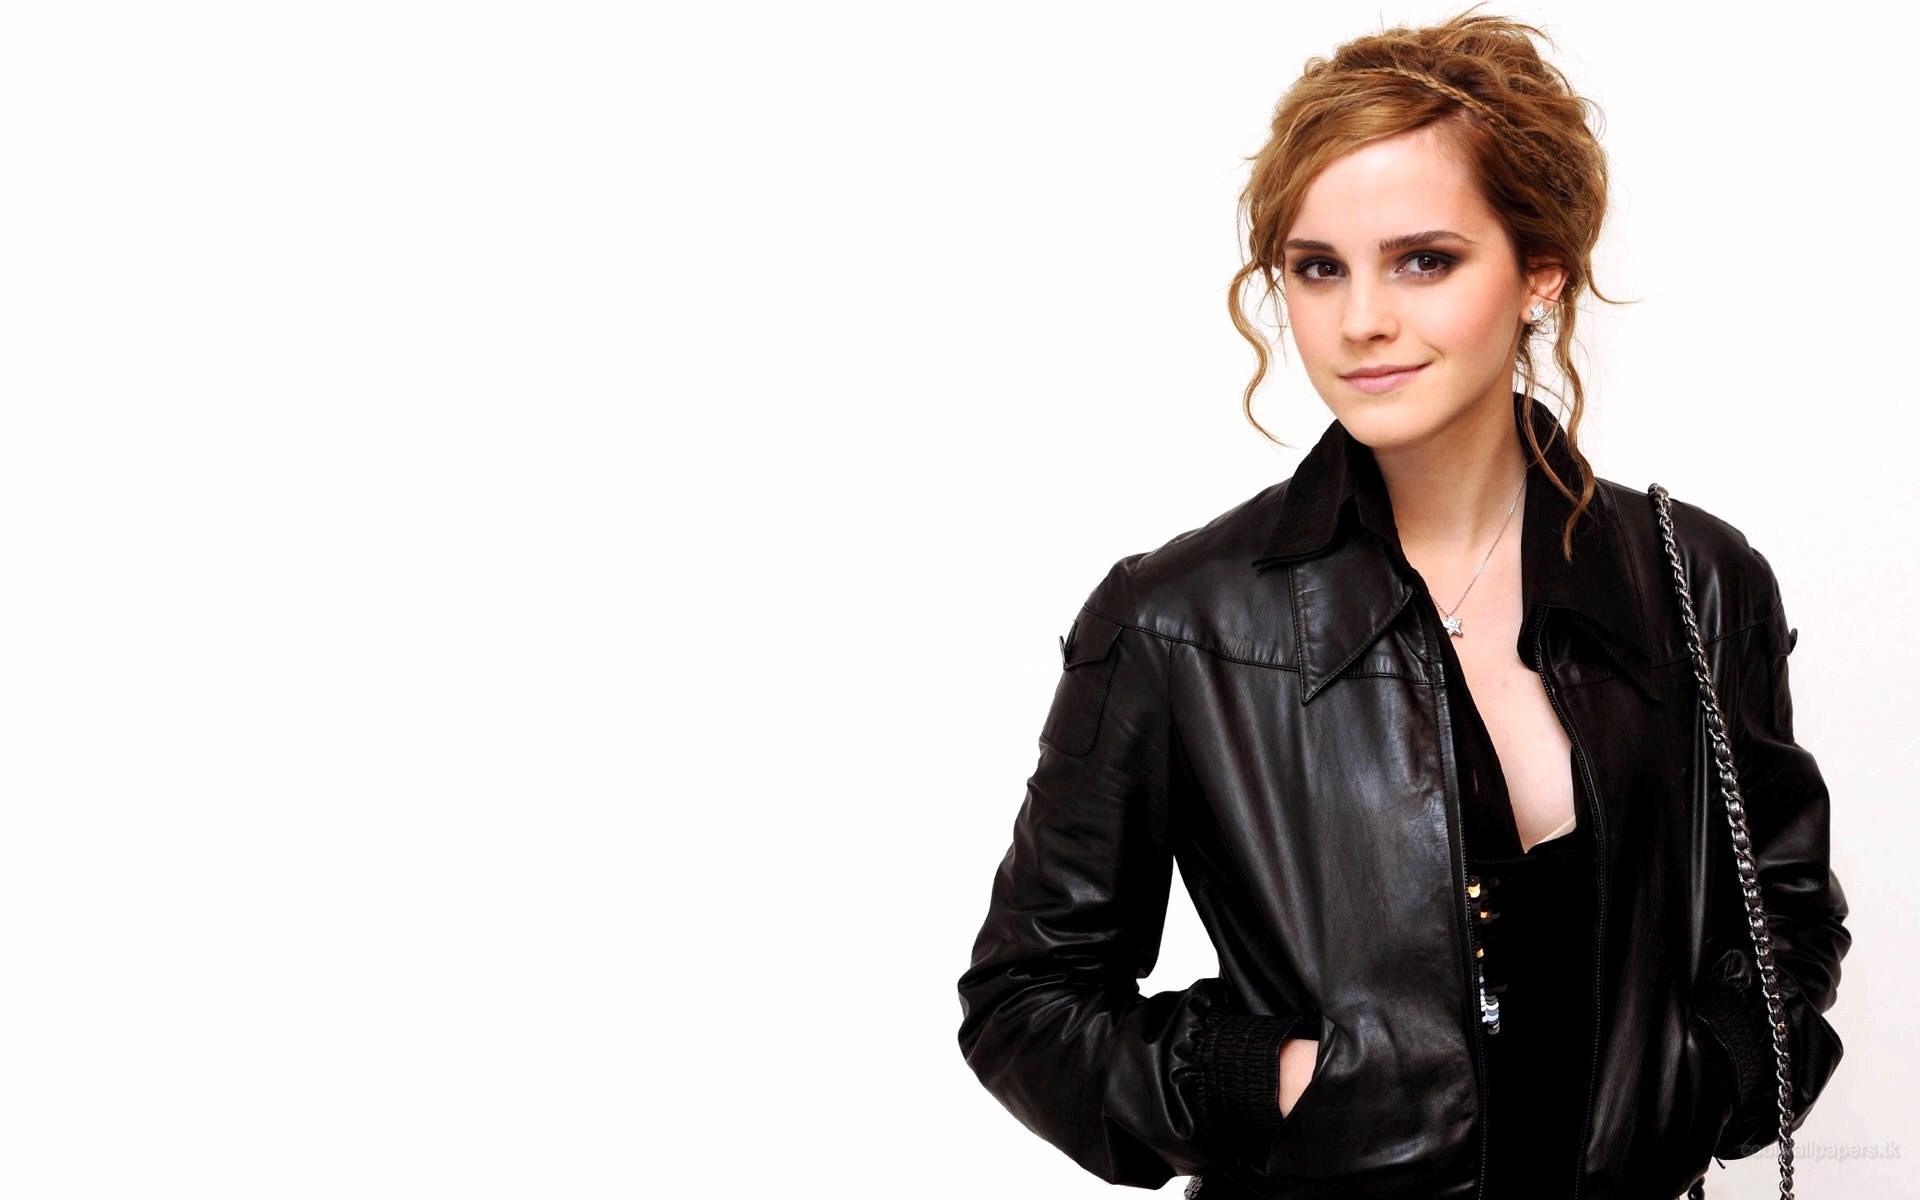 Emma Watson adolescente - 1920x1200